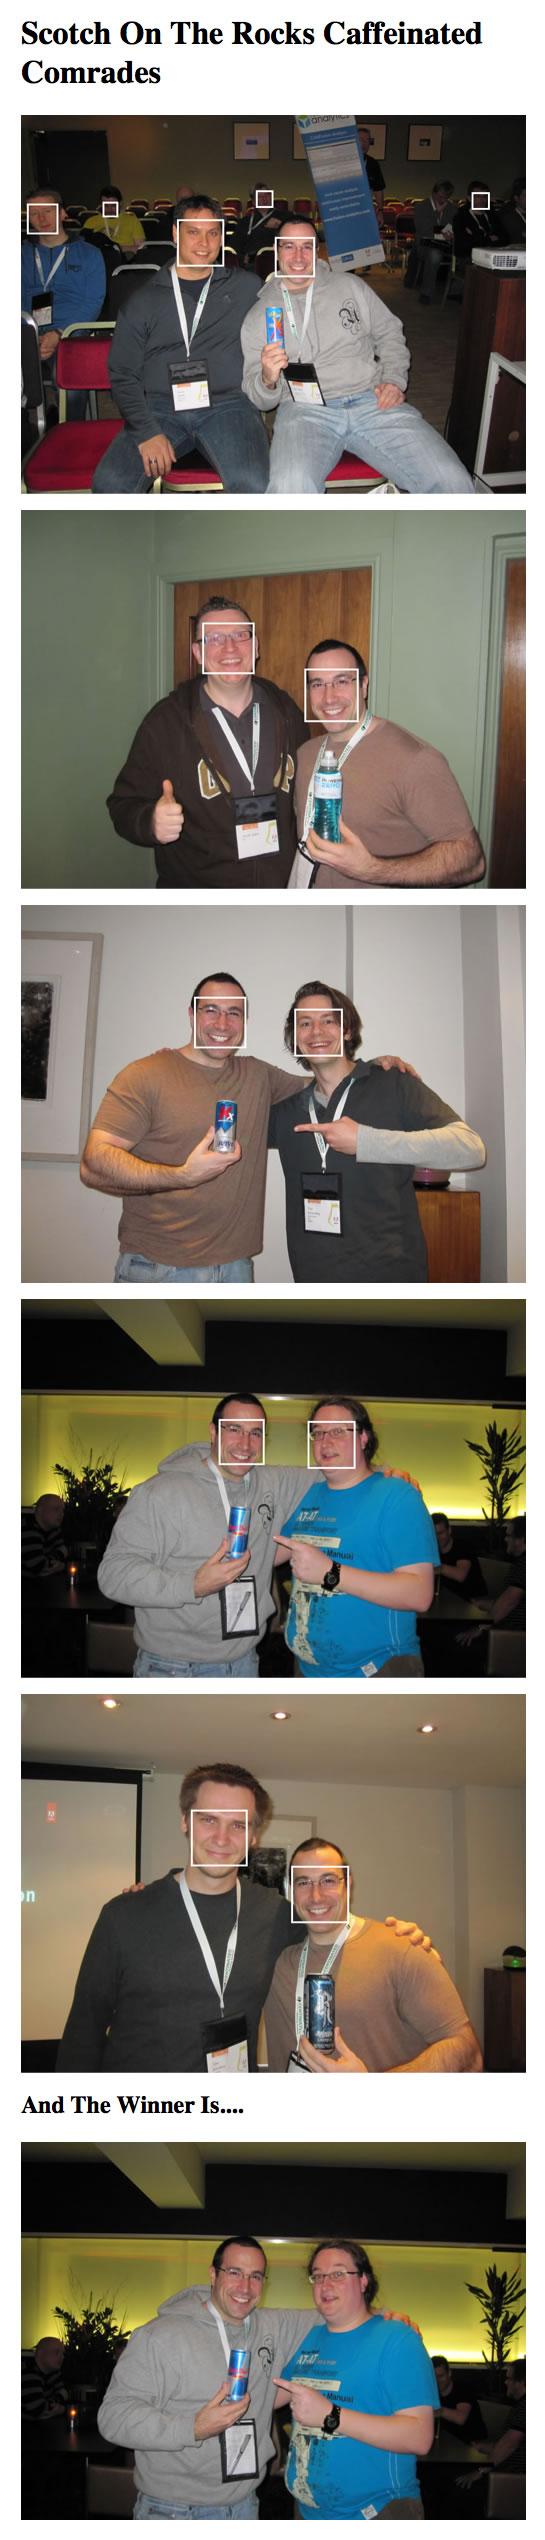 SOTR Caffeinated Comrades raffler winner selection using Face.com facial detection API.